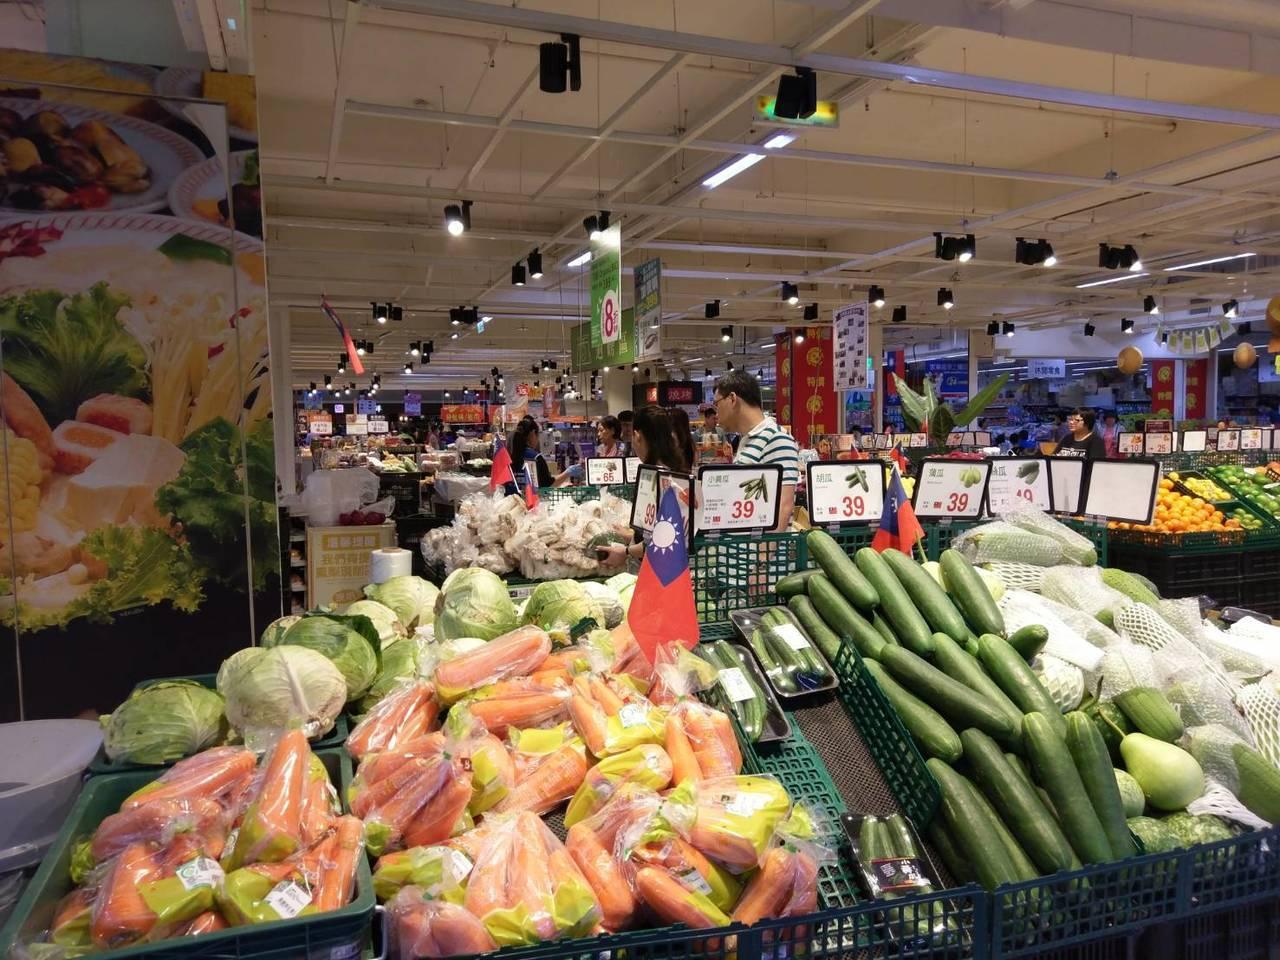 鑑於部分農產品自中國大陸農產品疑似經第三地轉運來台,農委會增列高麗菜、大蒜、紅豆...